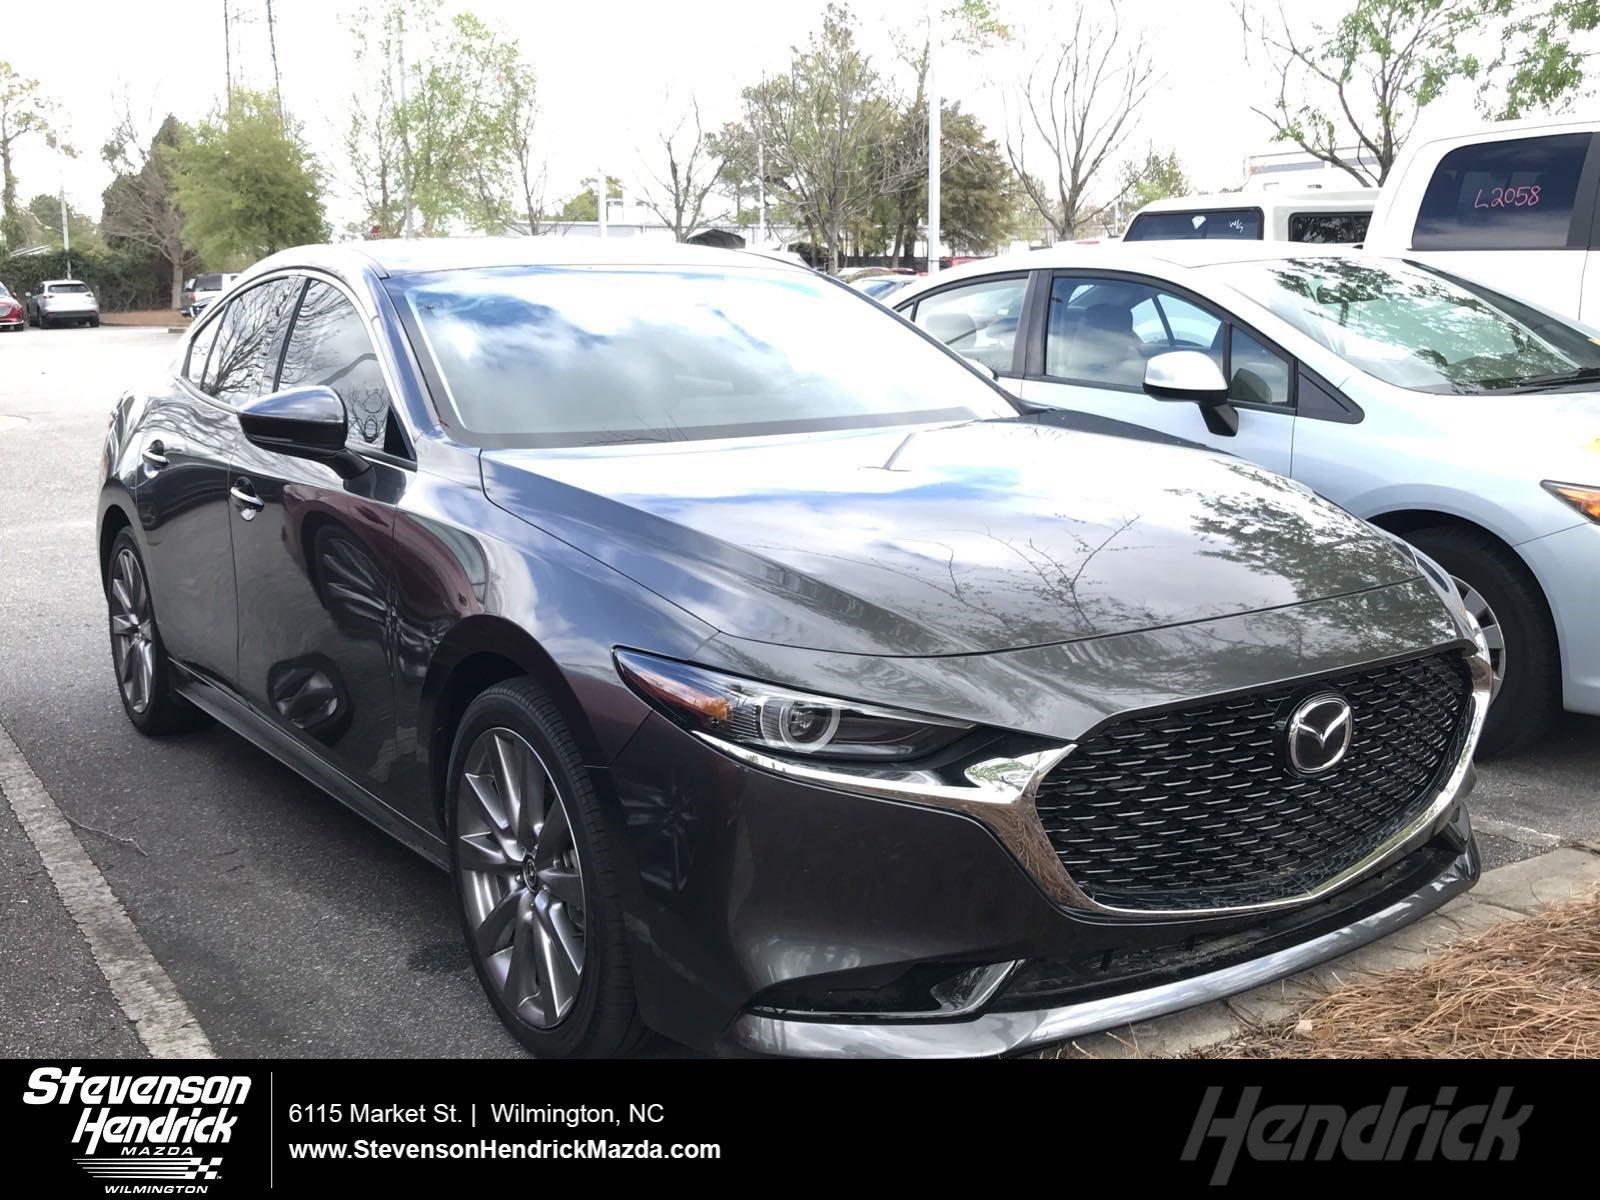 Certified Pre-Owned 2019 Mazda3 Sedan w/Premium Pkg